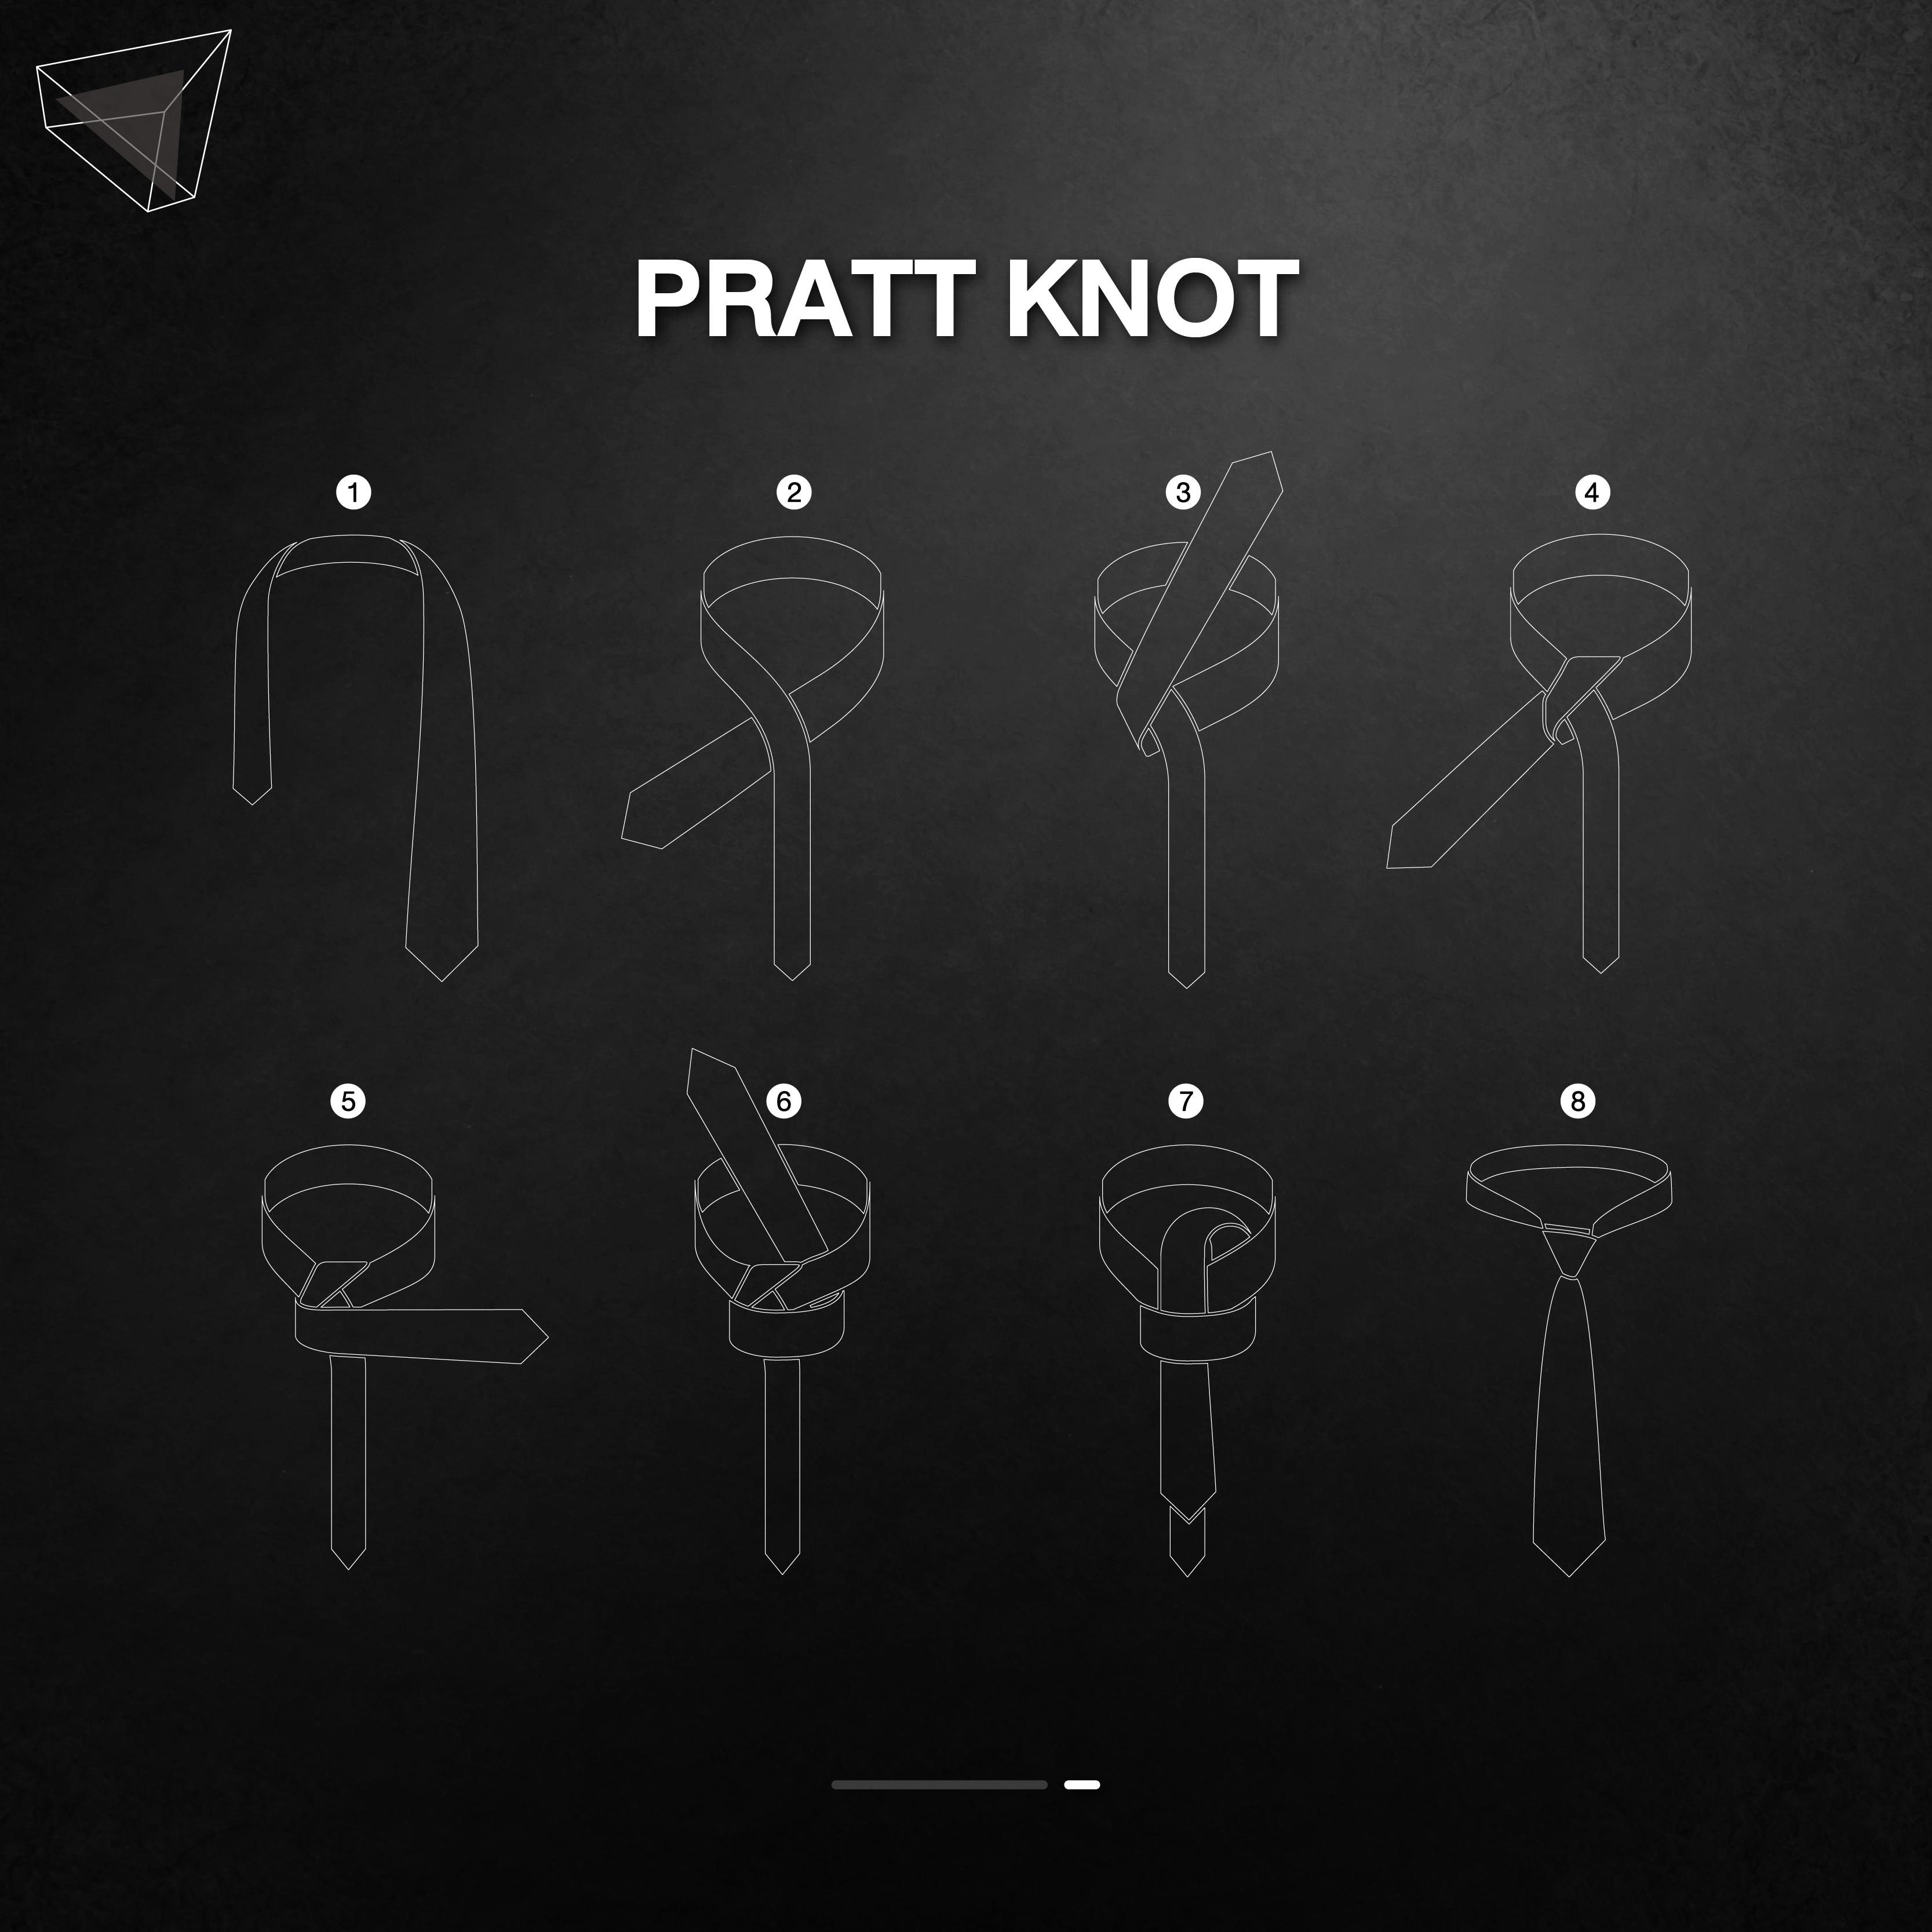 วิธีผูกเนคไทแบบ Pratt Knot